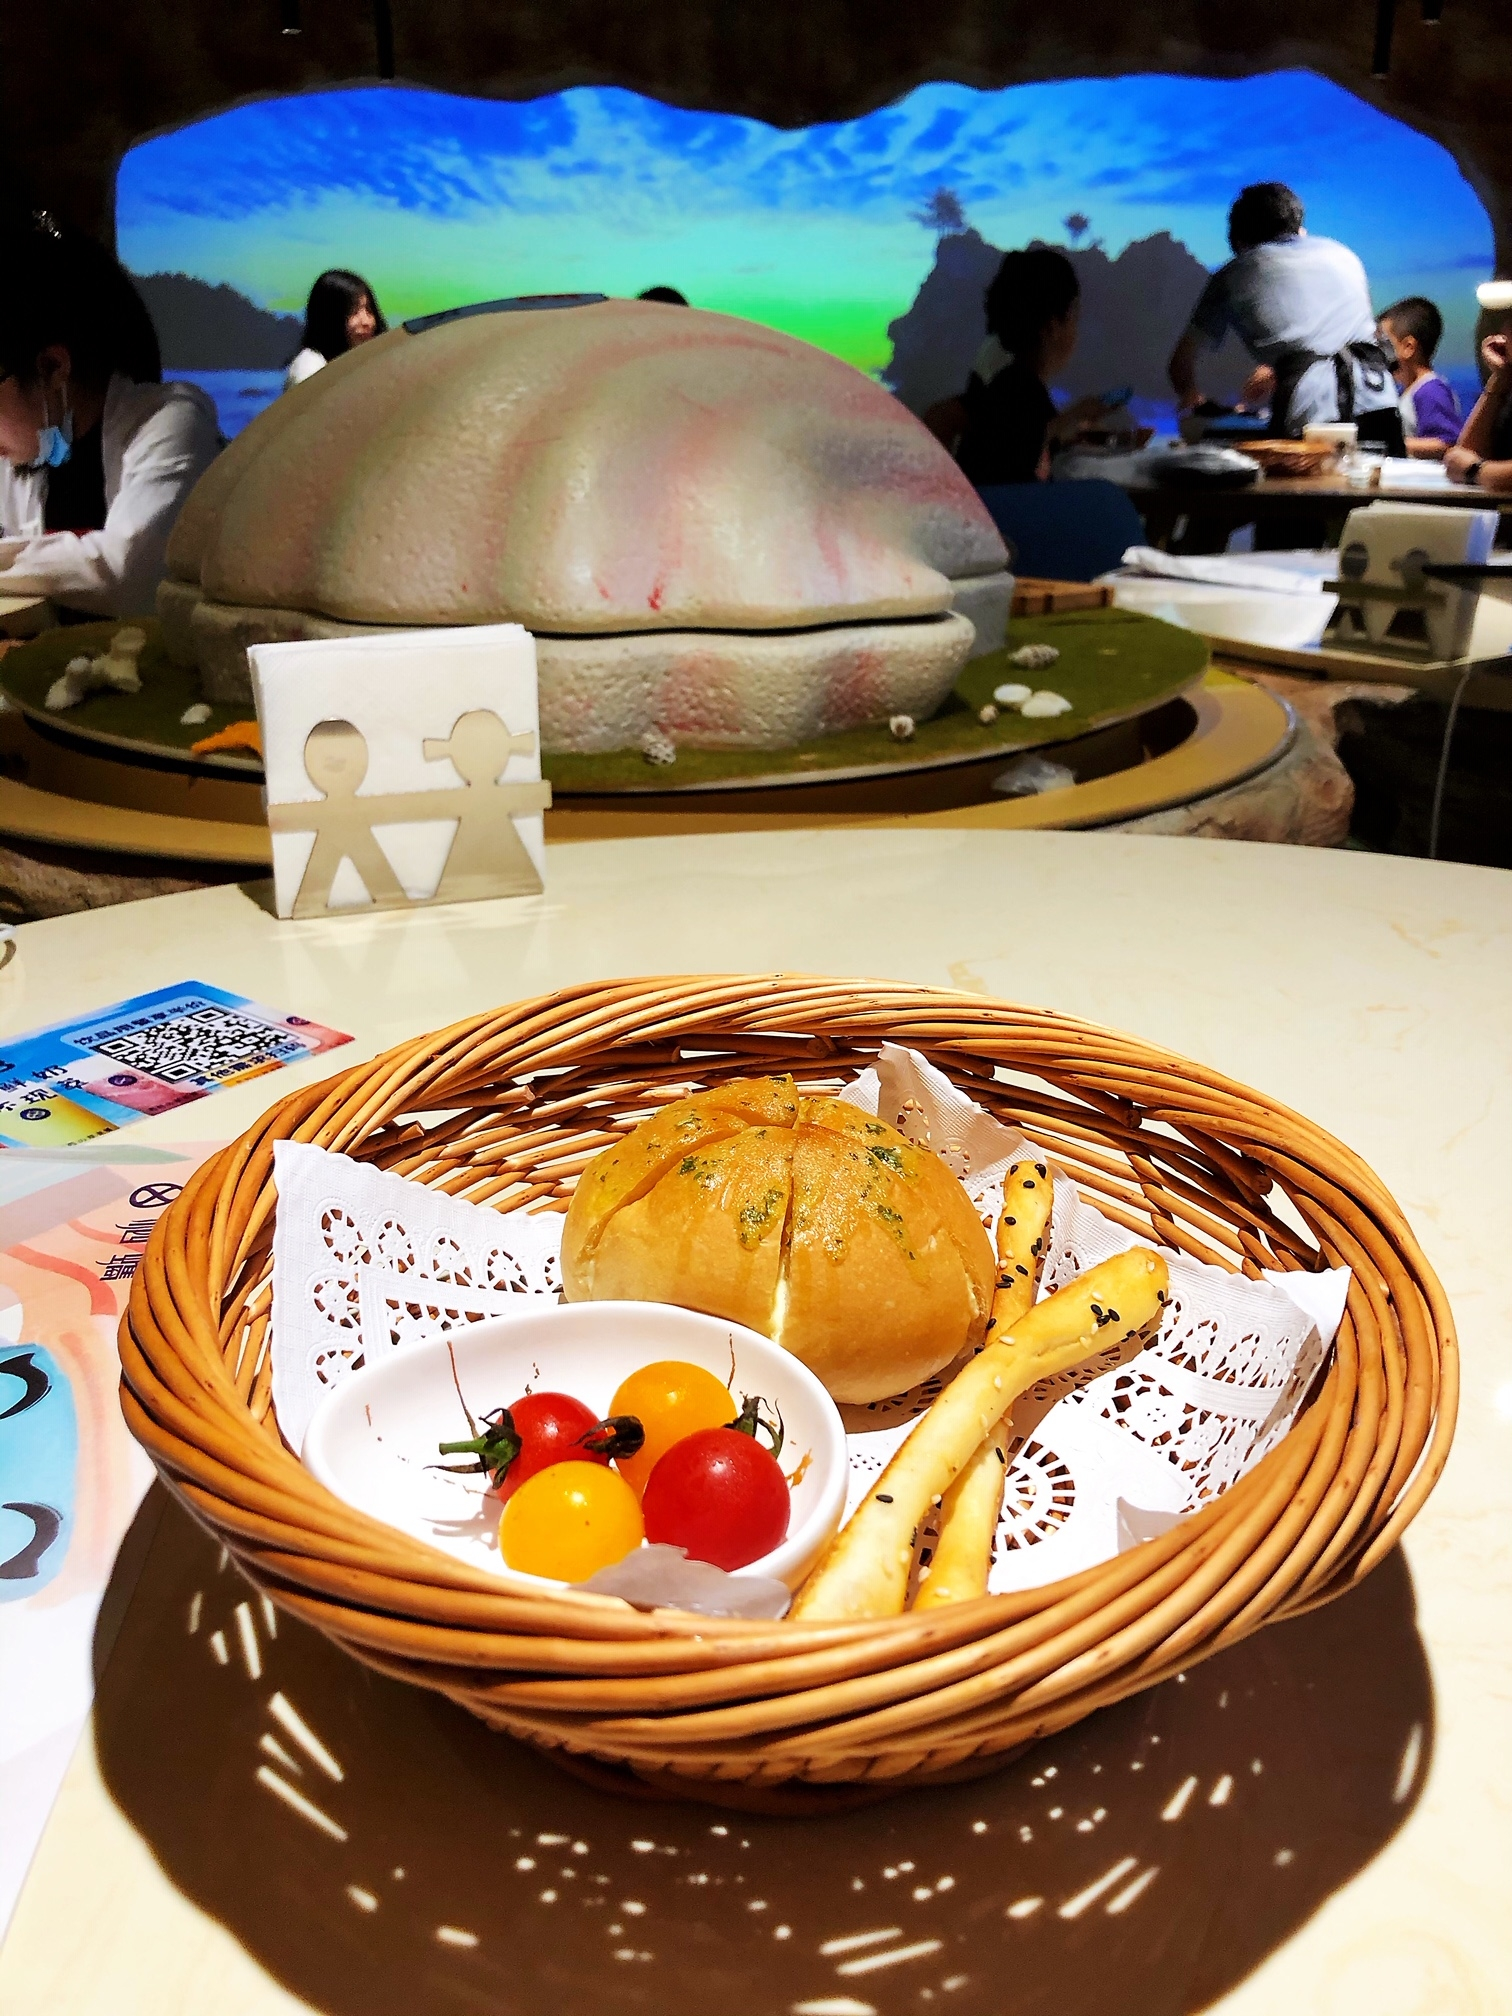 上海•注文後に出てくるパンも嬉しいサービス!